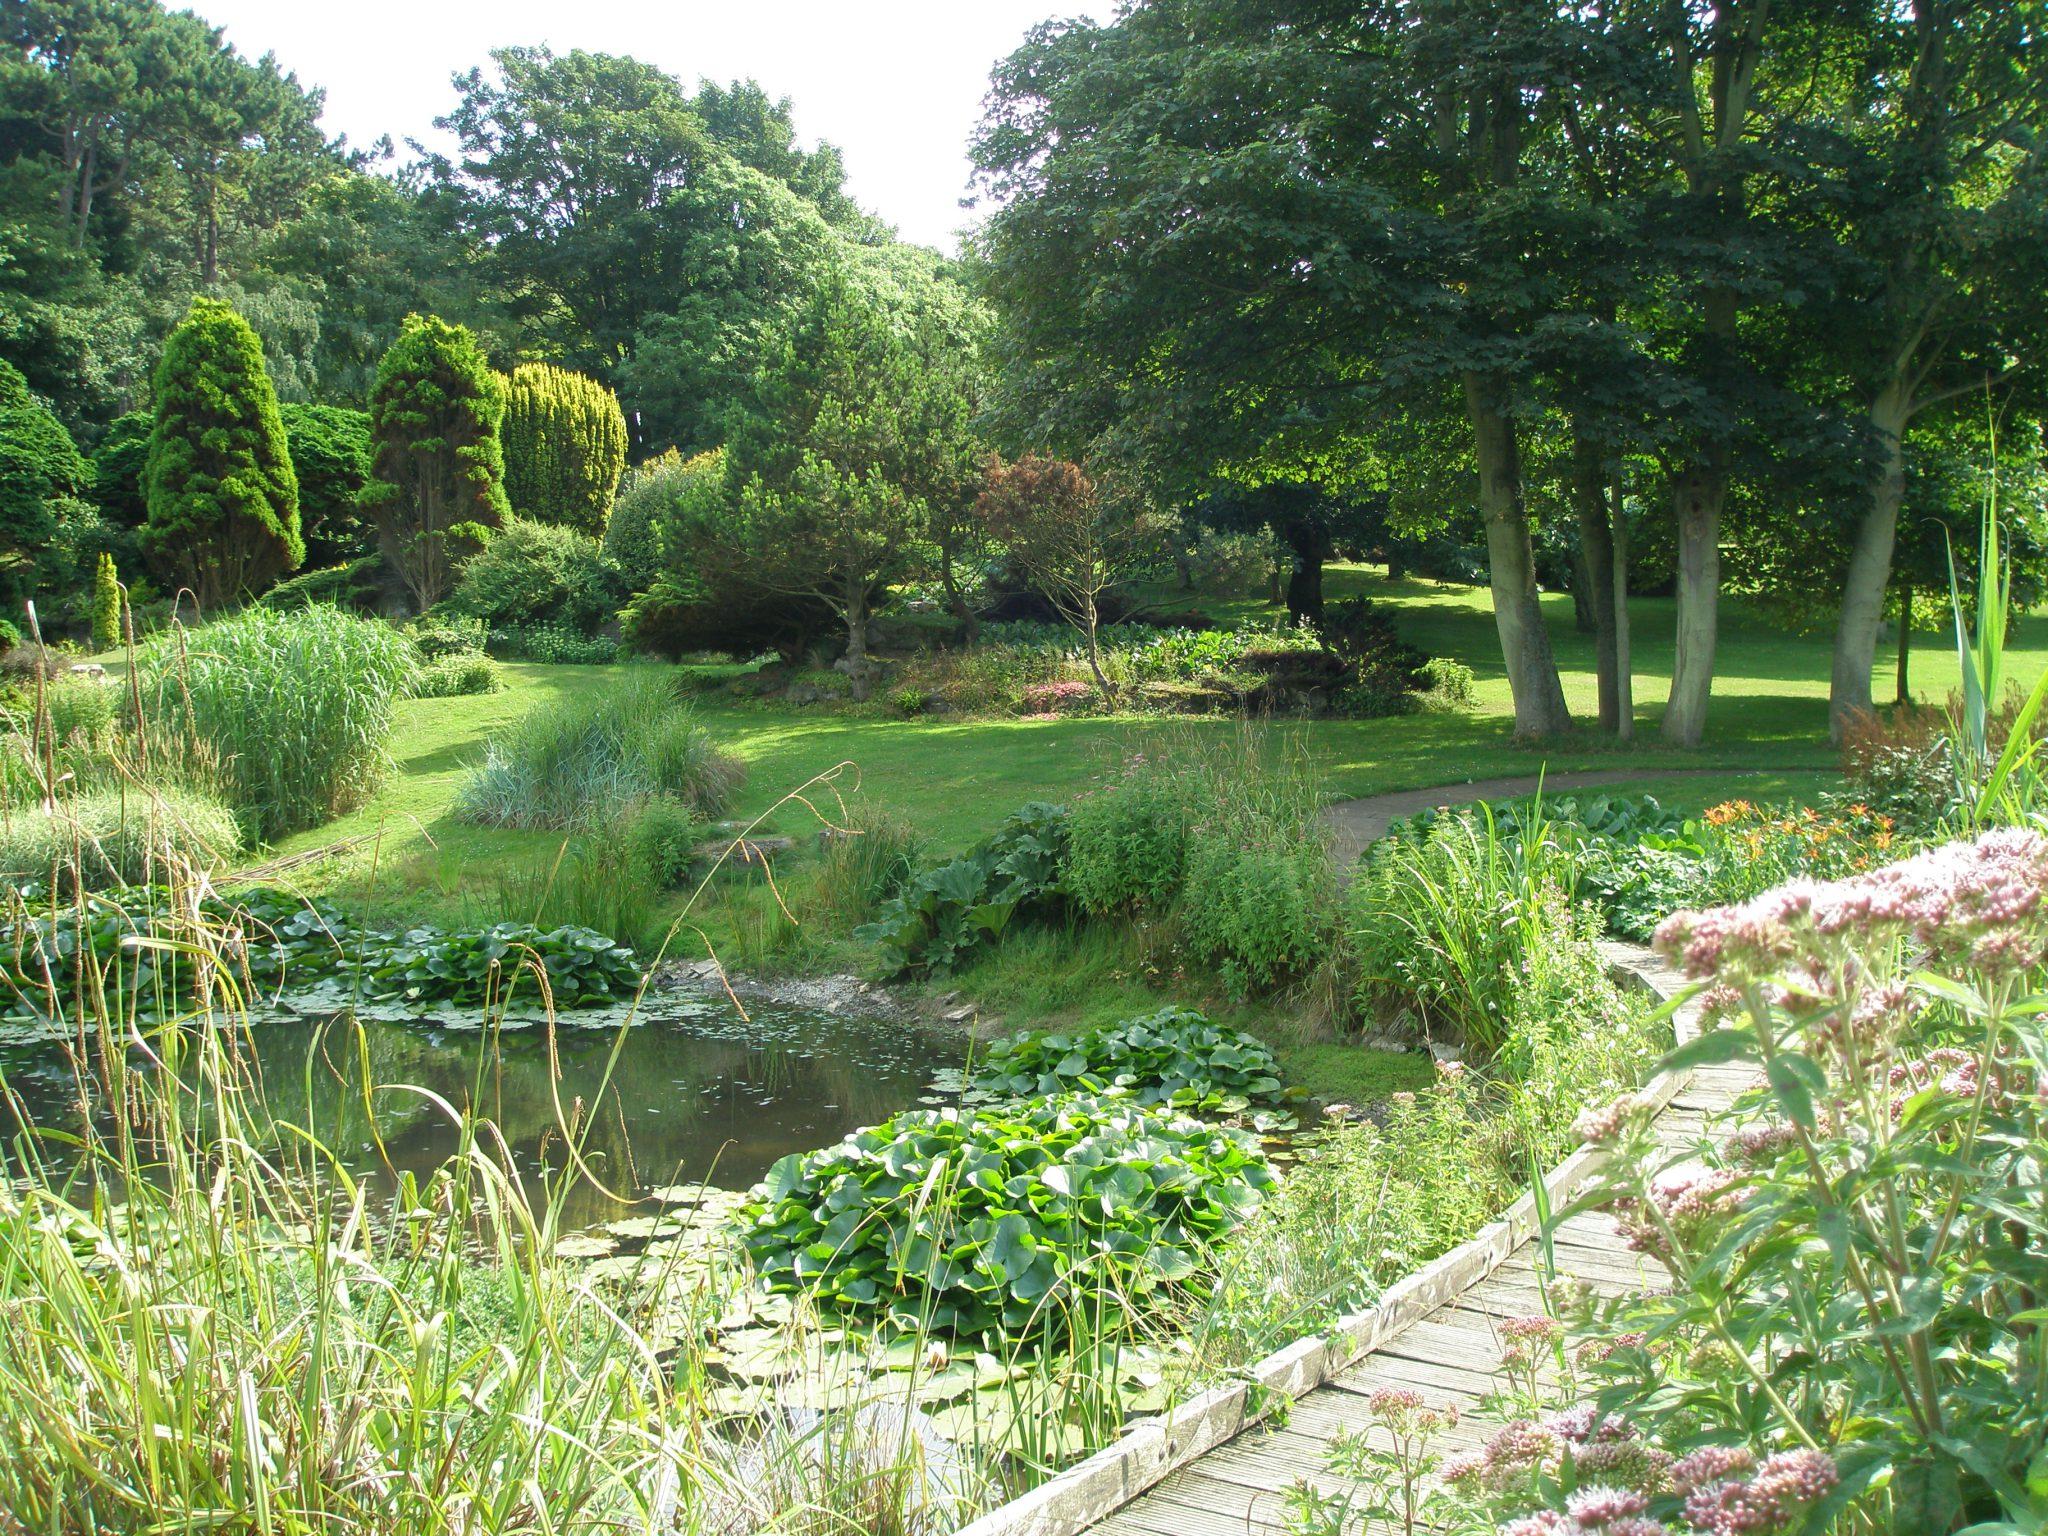 A bridge spans the pond.